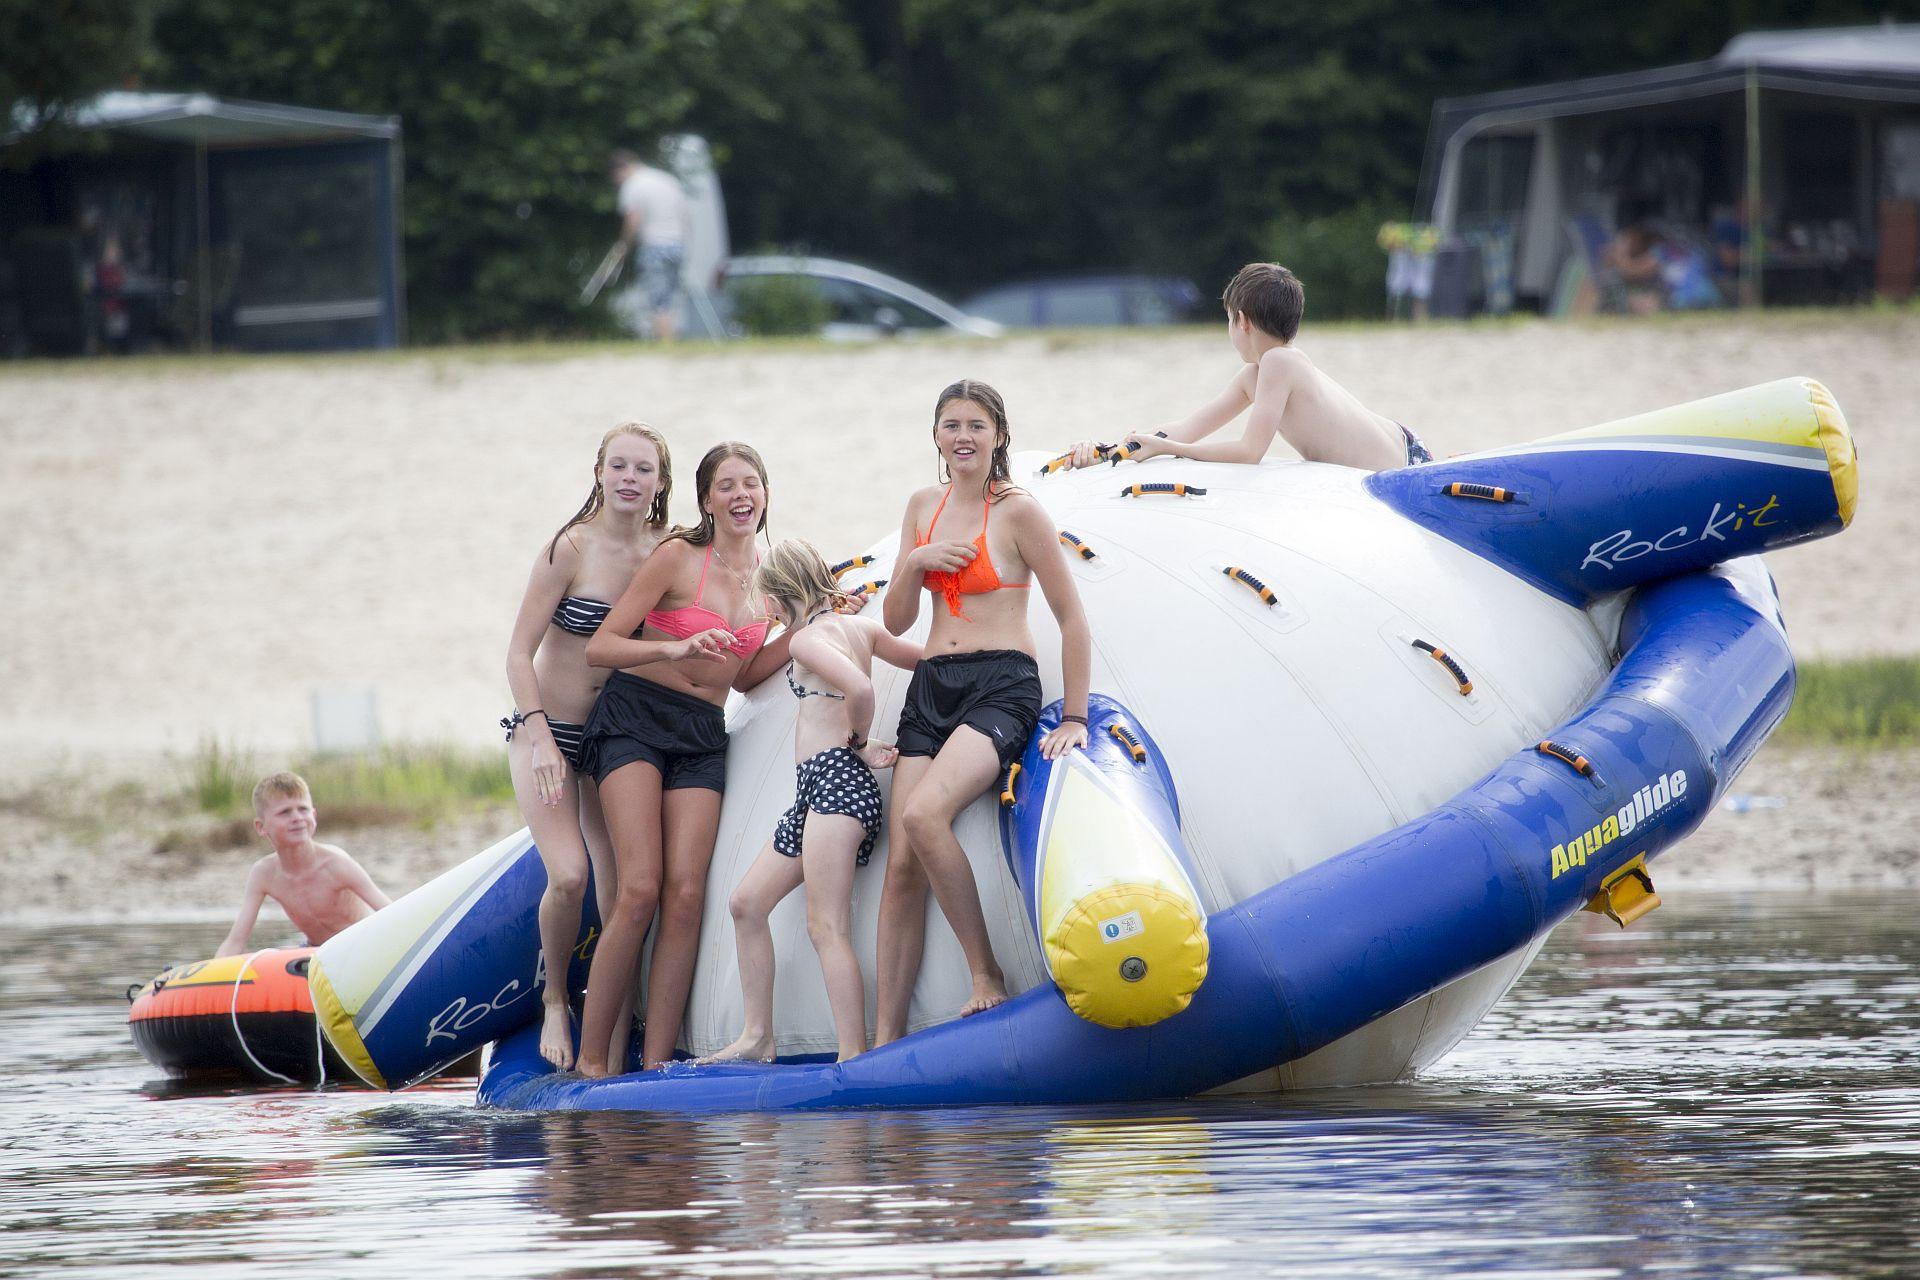 Urlaub mit Jugendlichen auf Ferienpark Capfun het Stoetenslagh - Urlaub mit Jugendliche